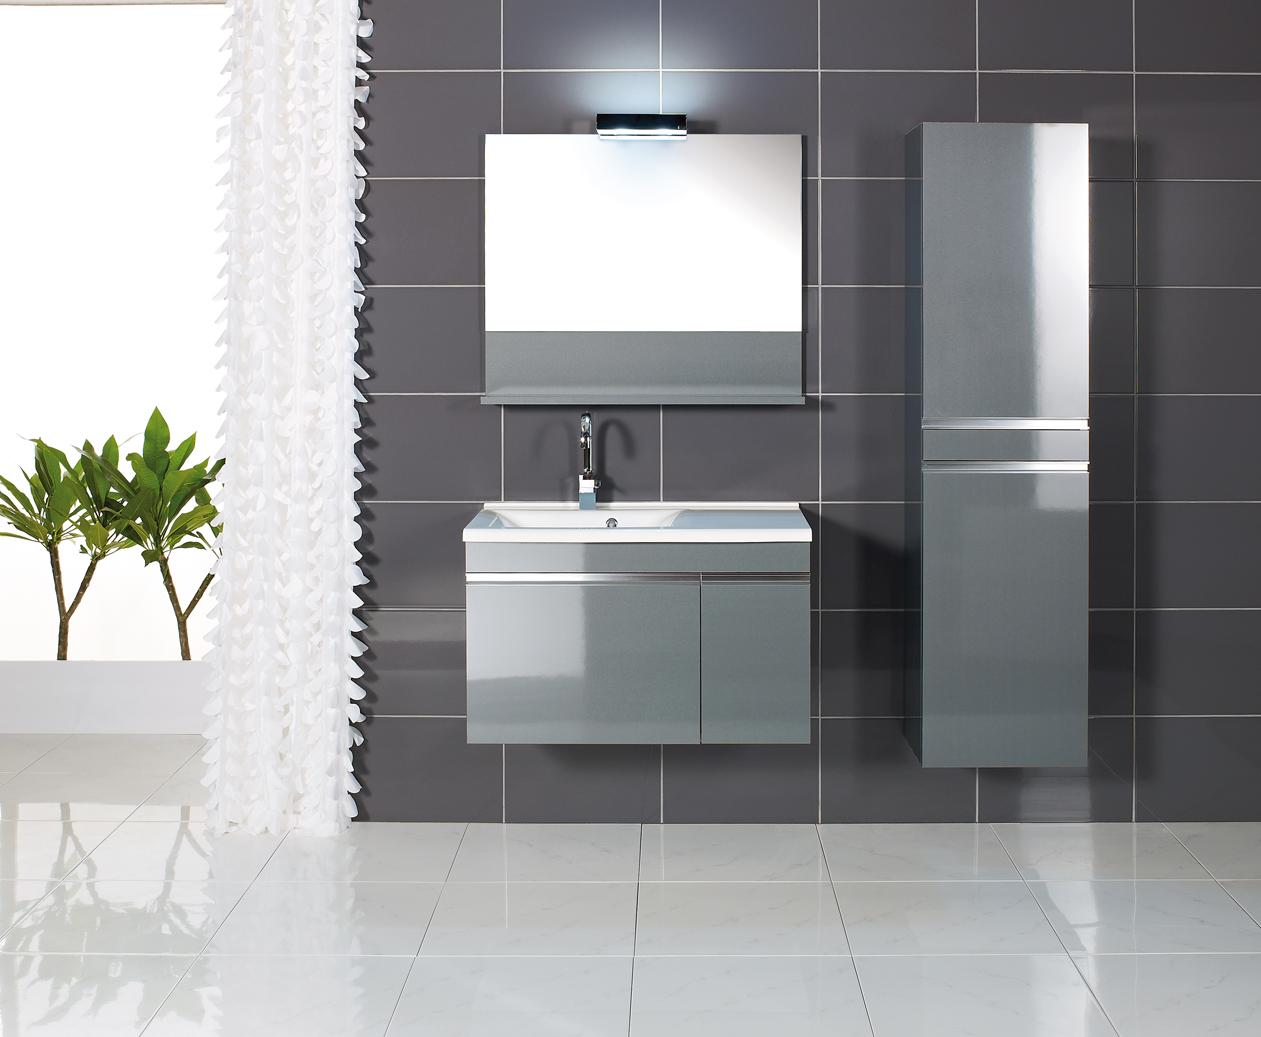 Meubles tendances duc carrelages et bains for Meuble salle de bain gris